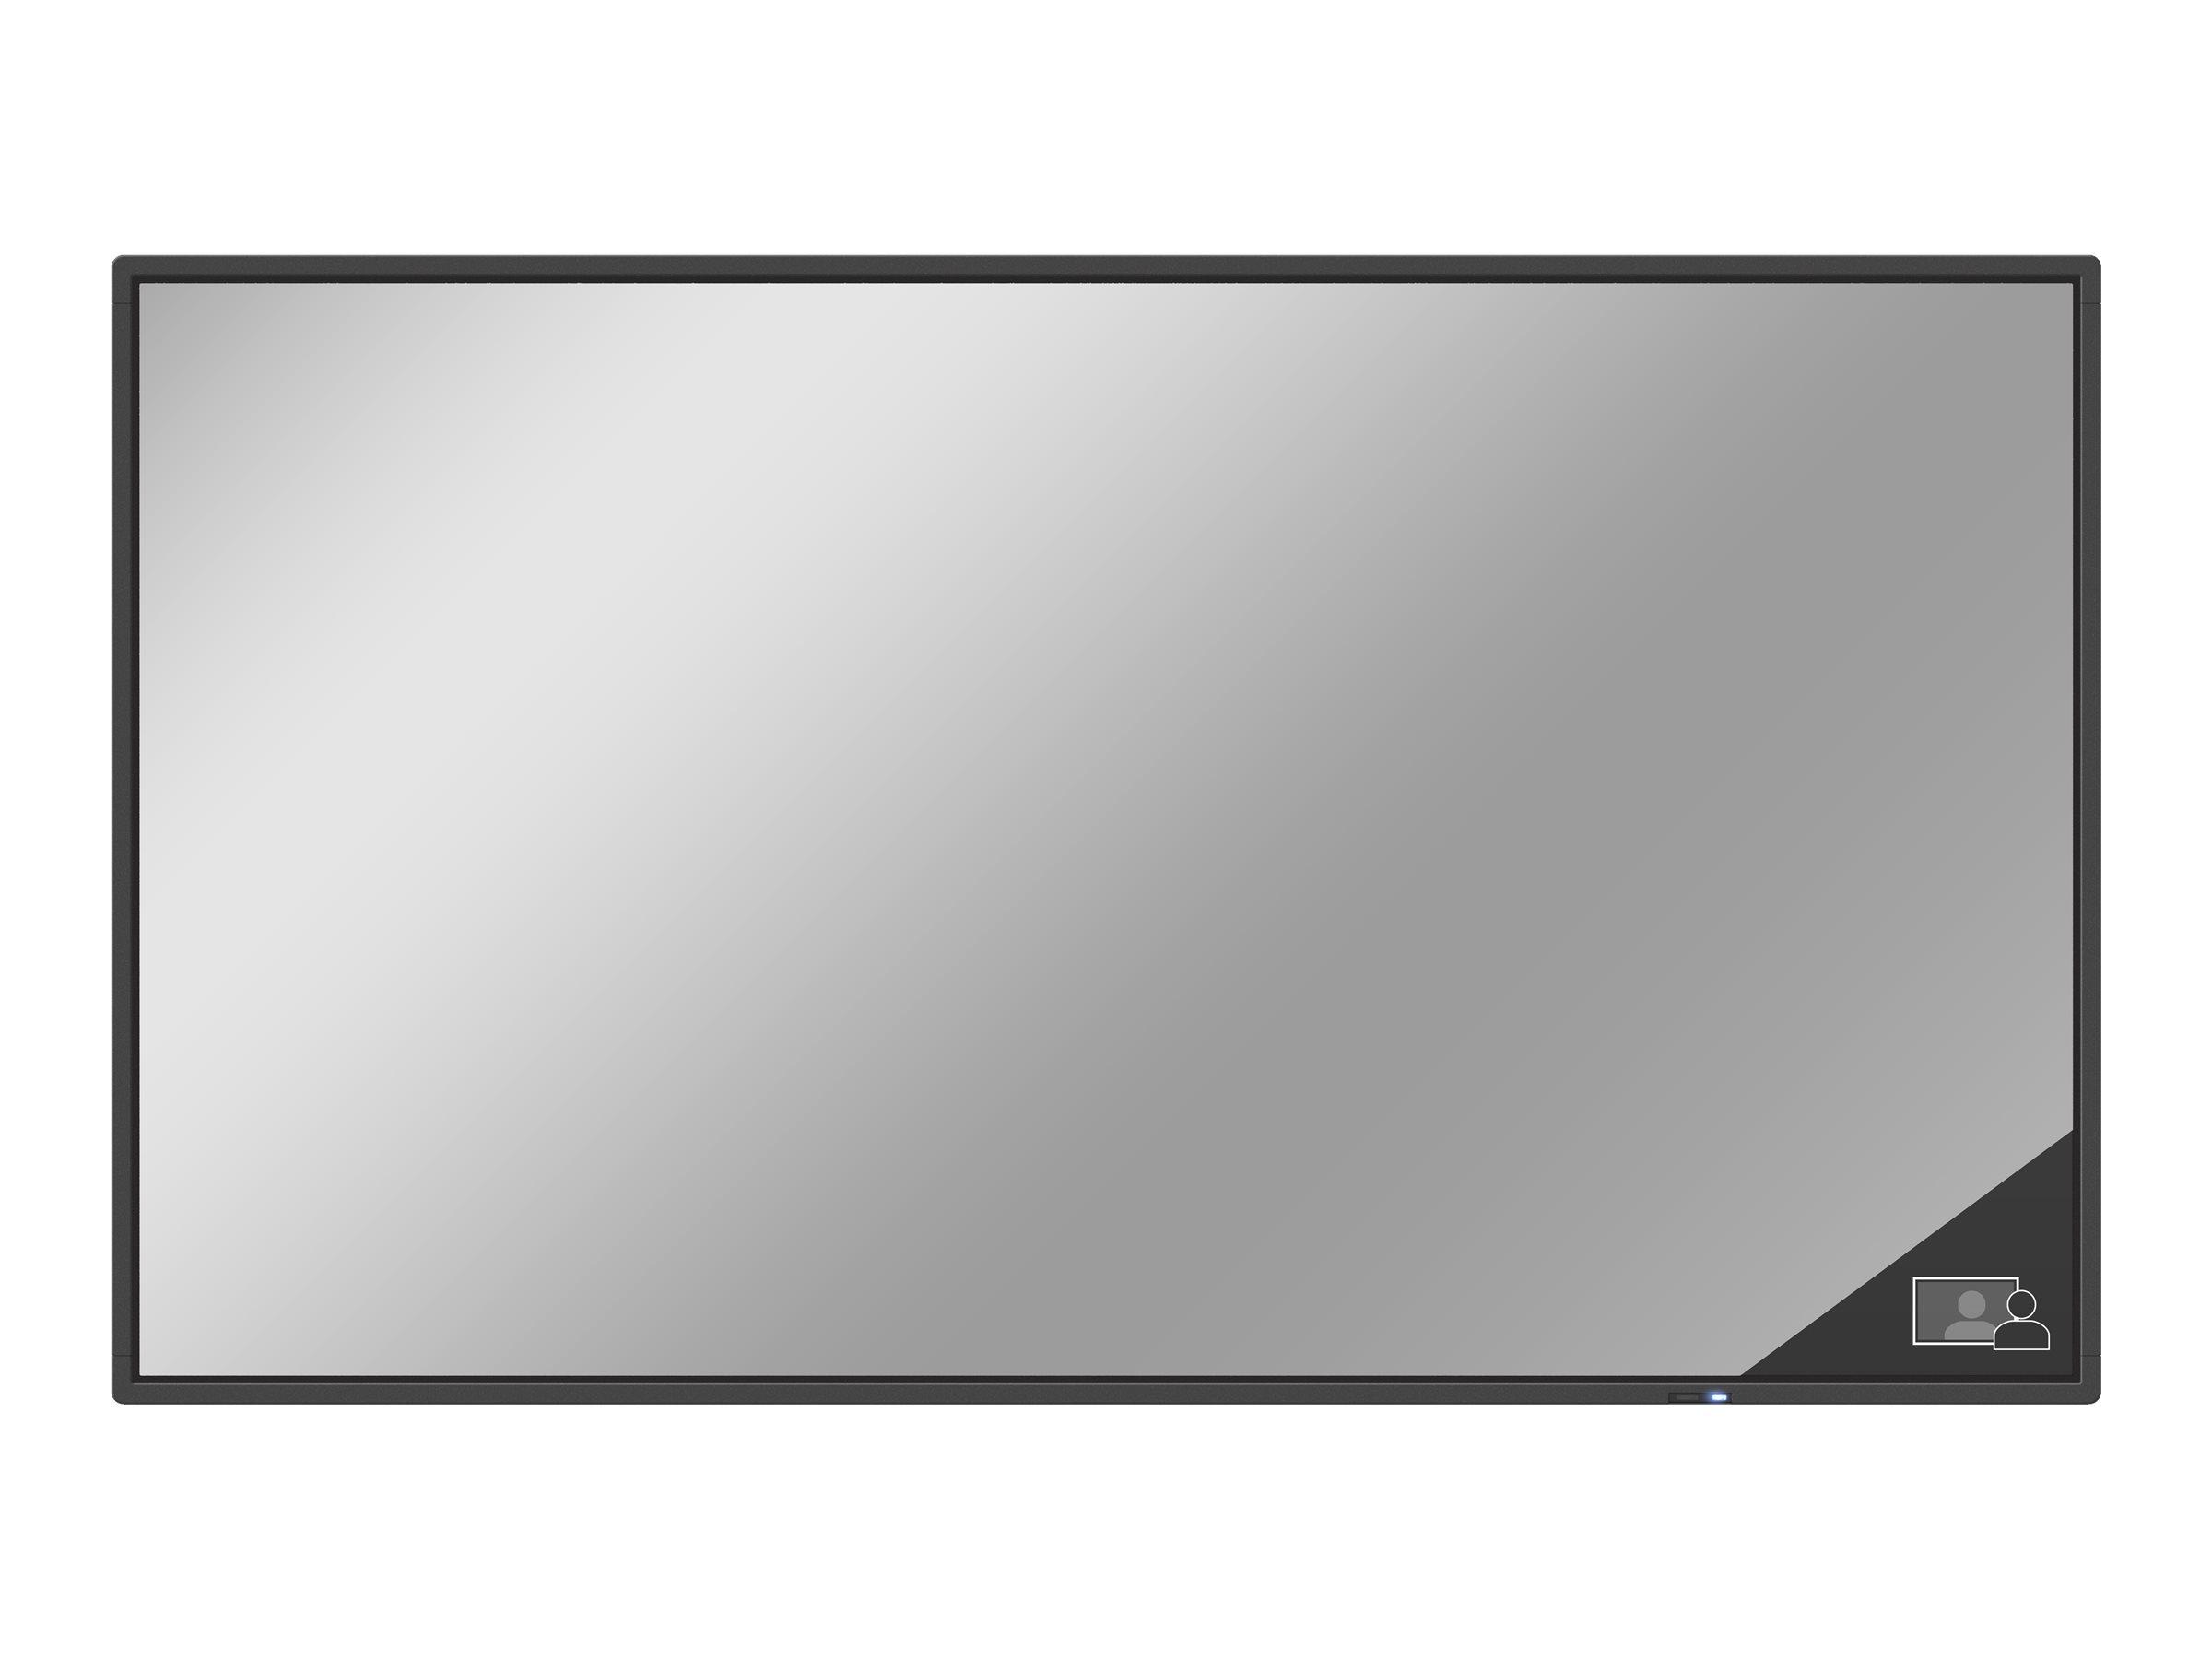 NEC MultiSync P404 MG - 101.6 cm (40